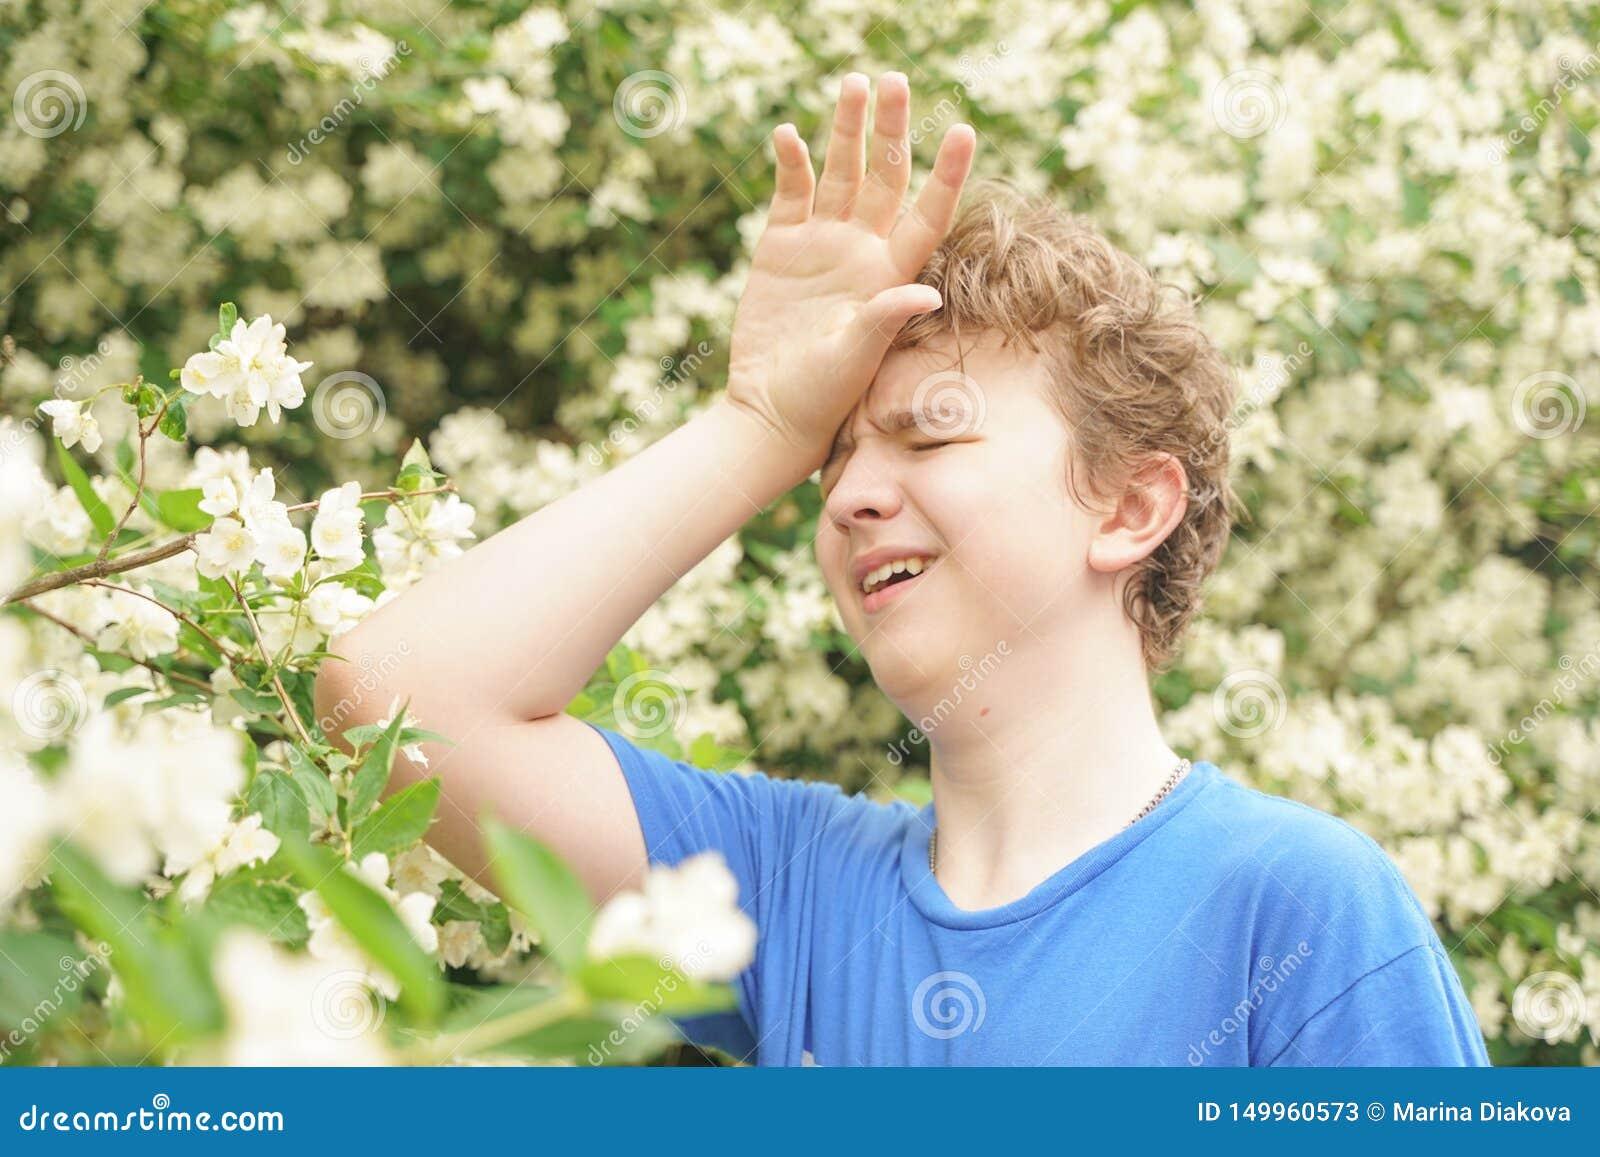 El hombre joven se coloca entre las flores y disfruta de verano y de florecimiento